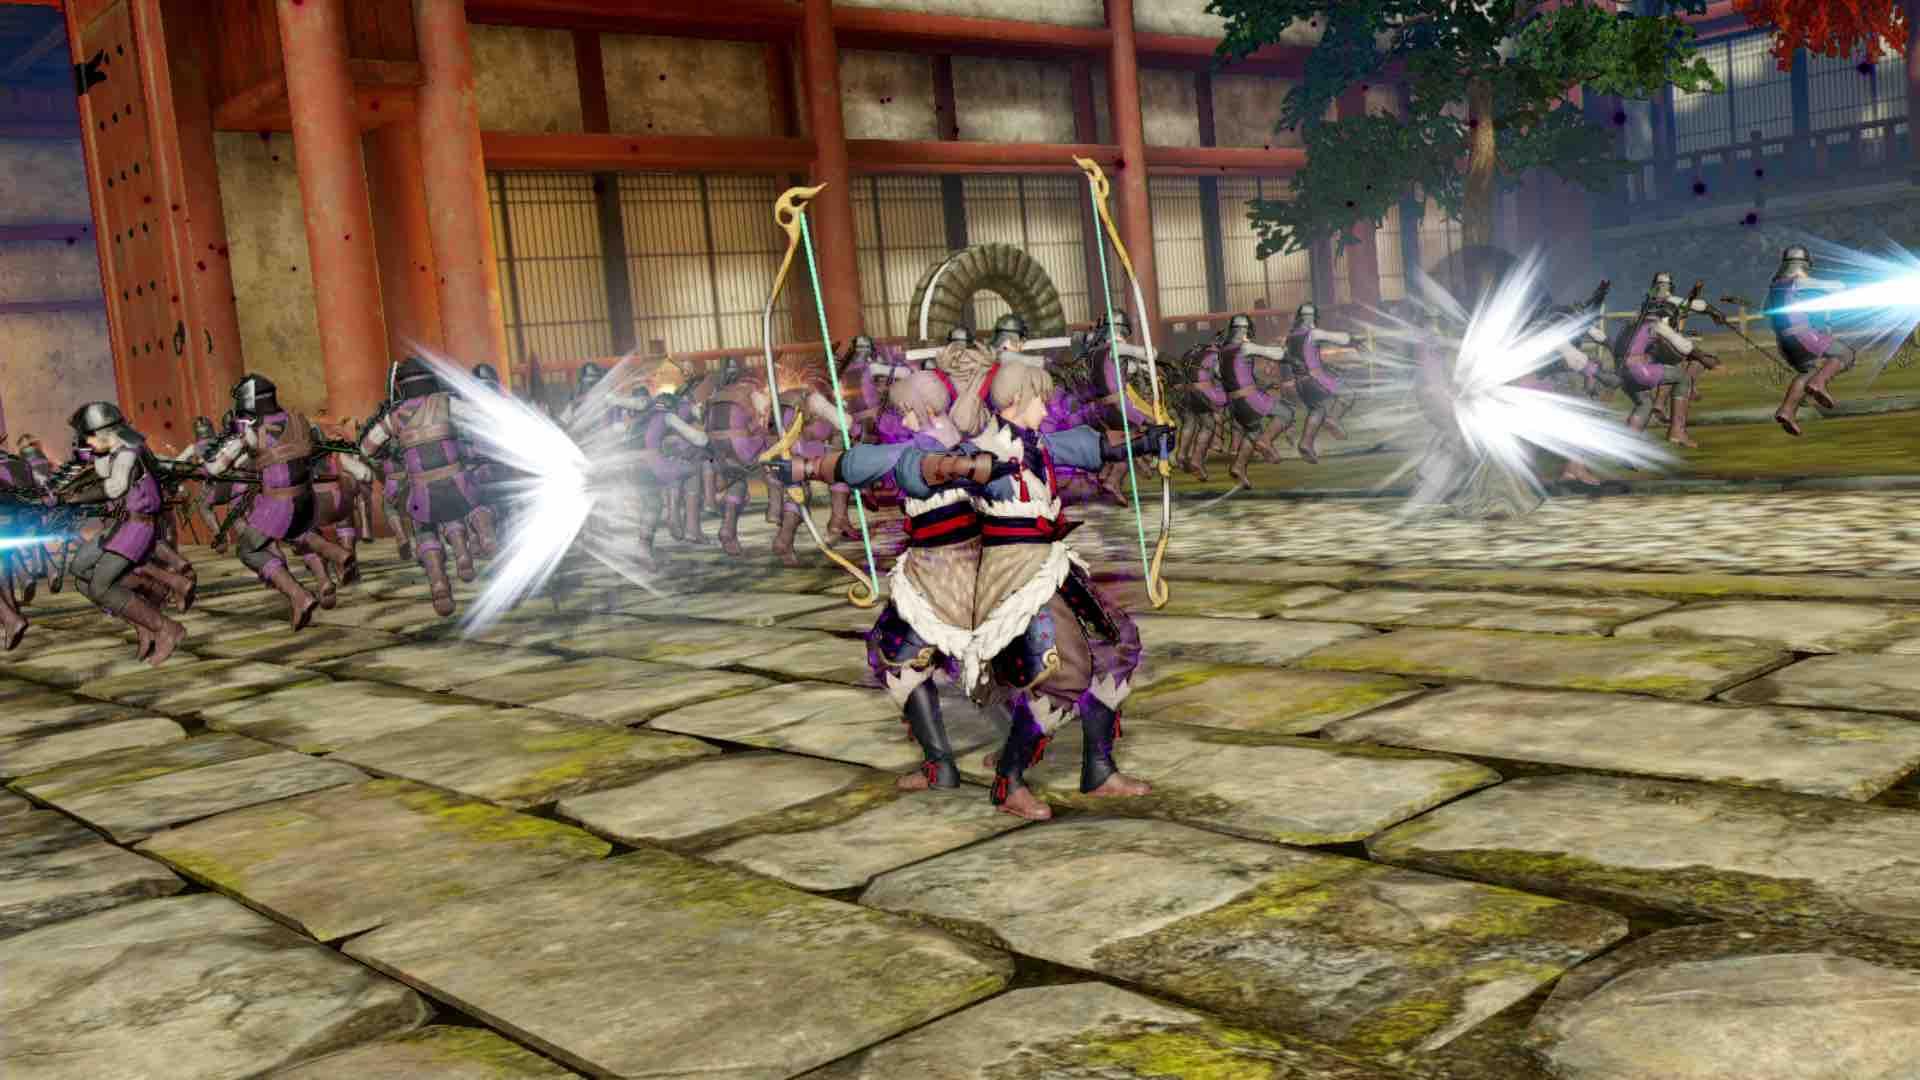 fire-emblem-warriors-review-screenshot-4